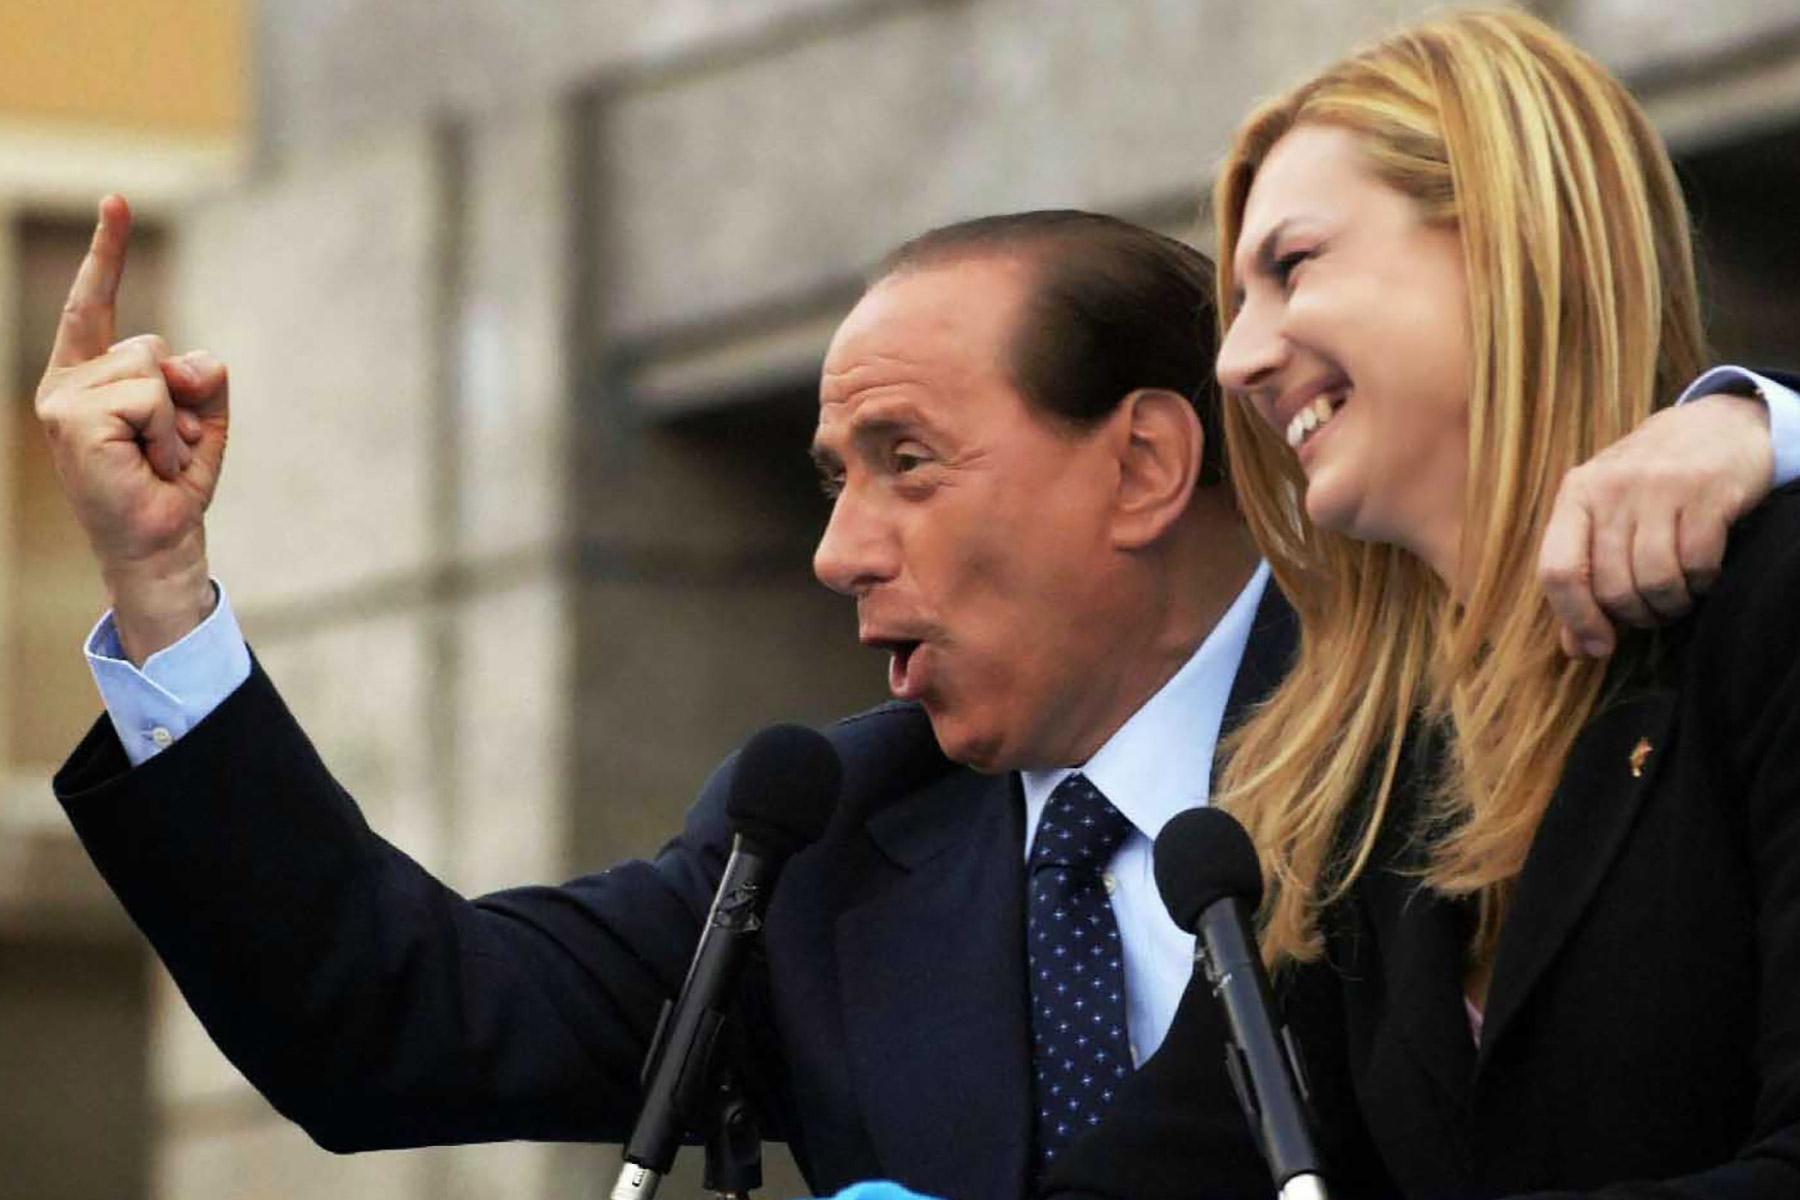 Zum FremdschämenSVP geht Bündnis mit Berlusconi und Biancofiore ein